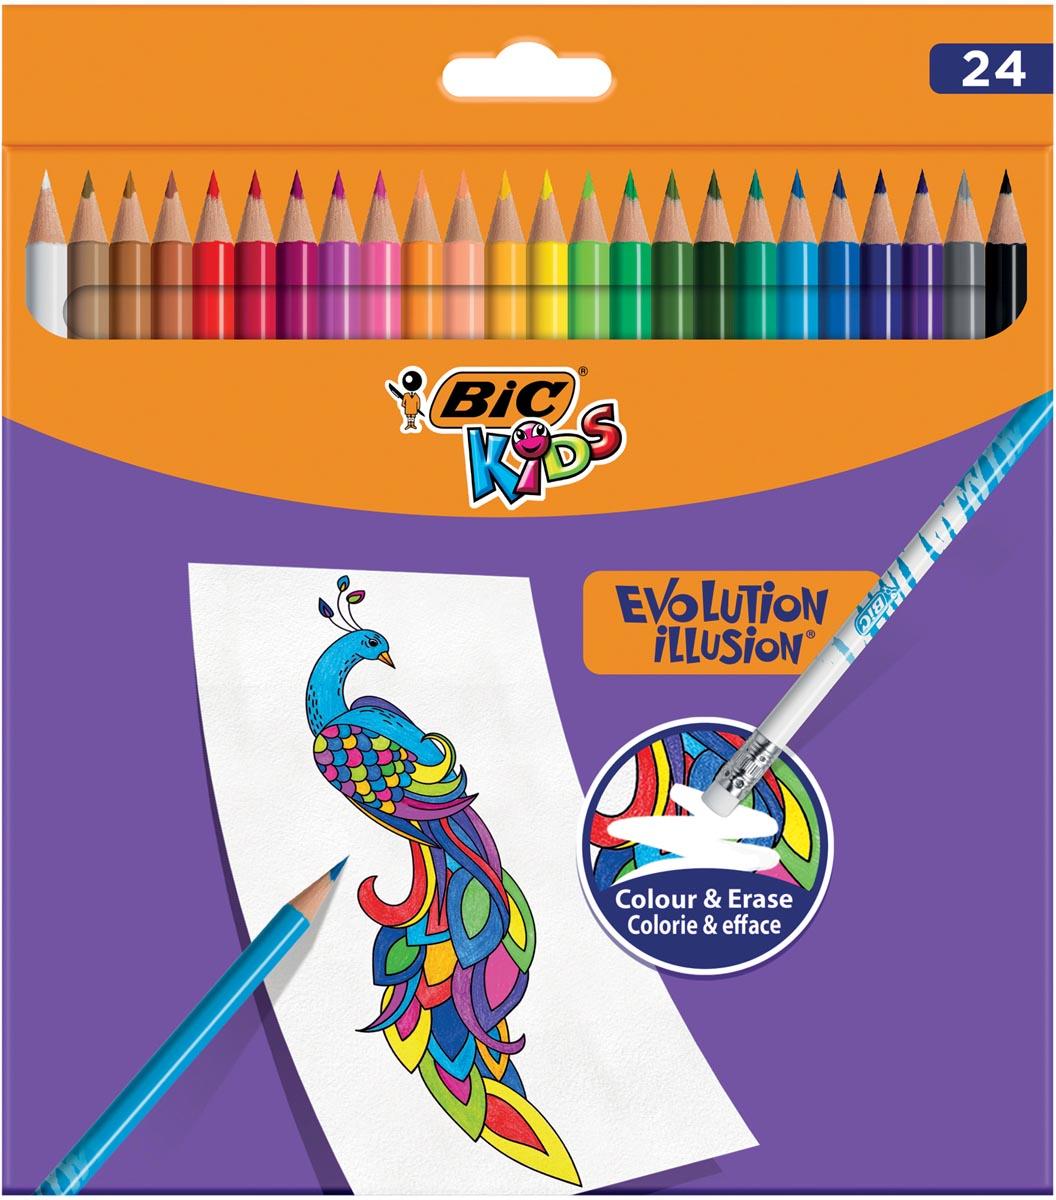 Bic Kids kleurpotlood Illusion Evolution, etui van 24 stuks